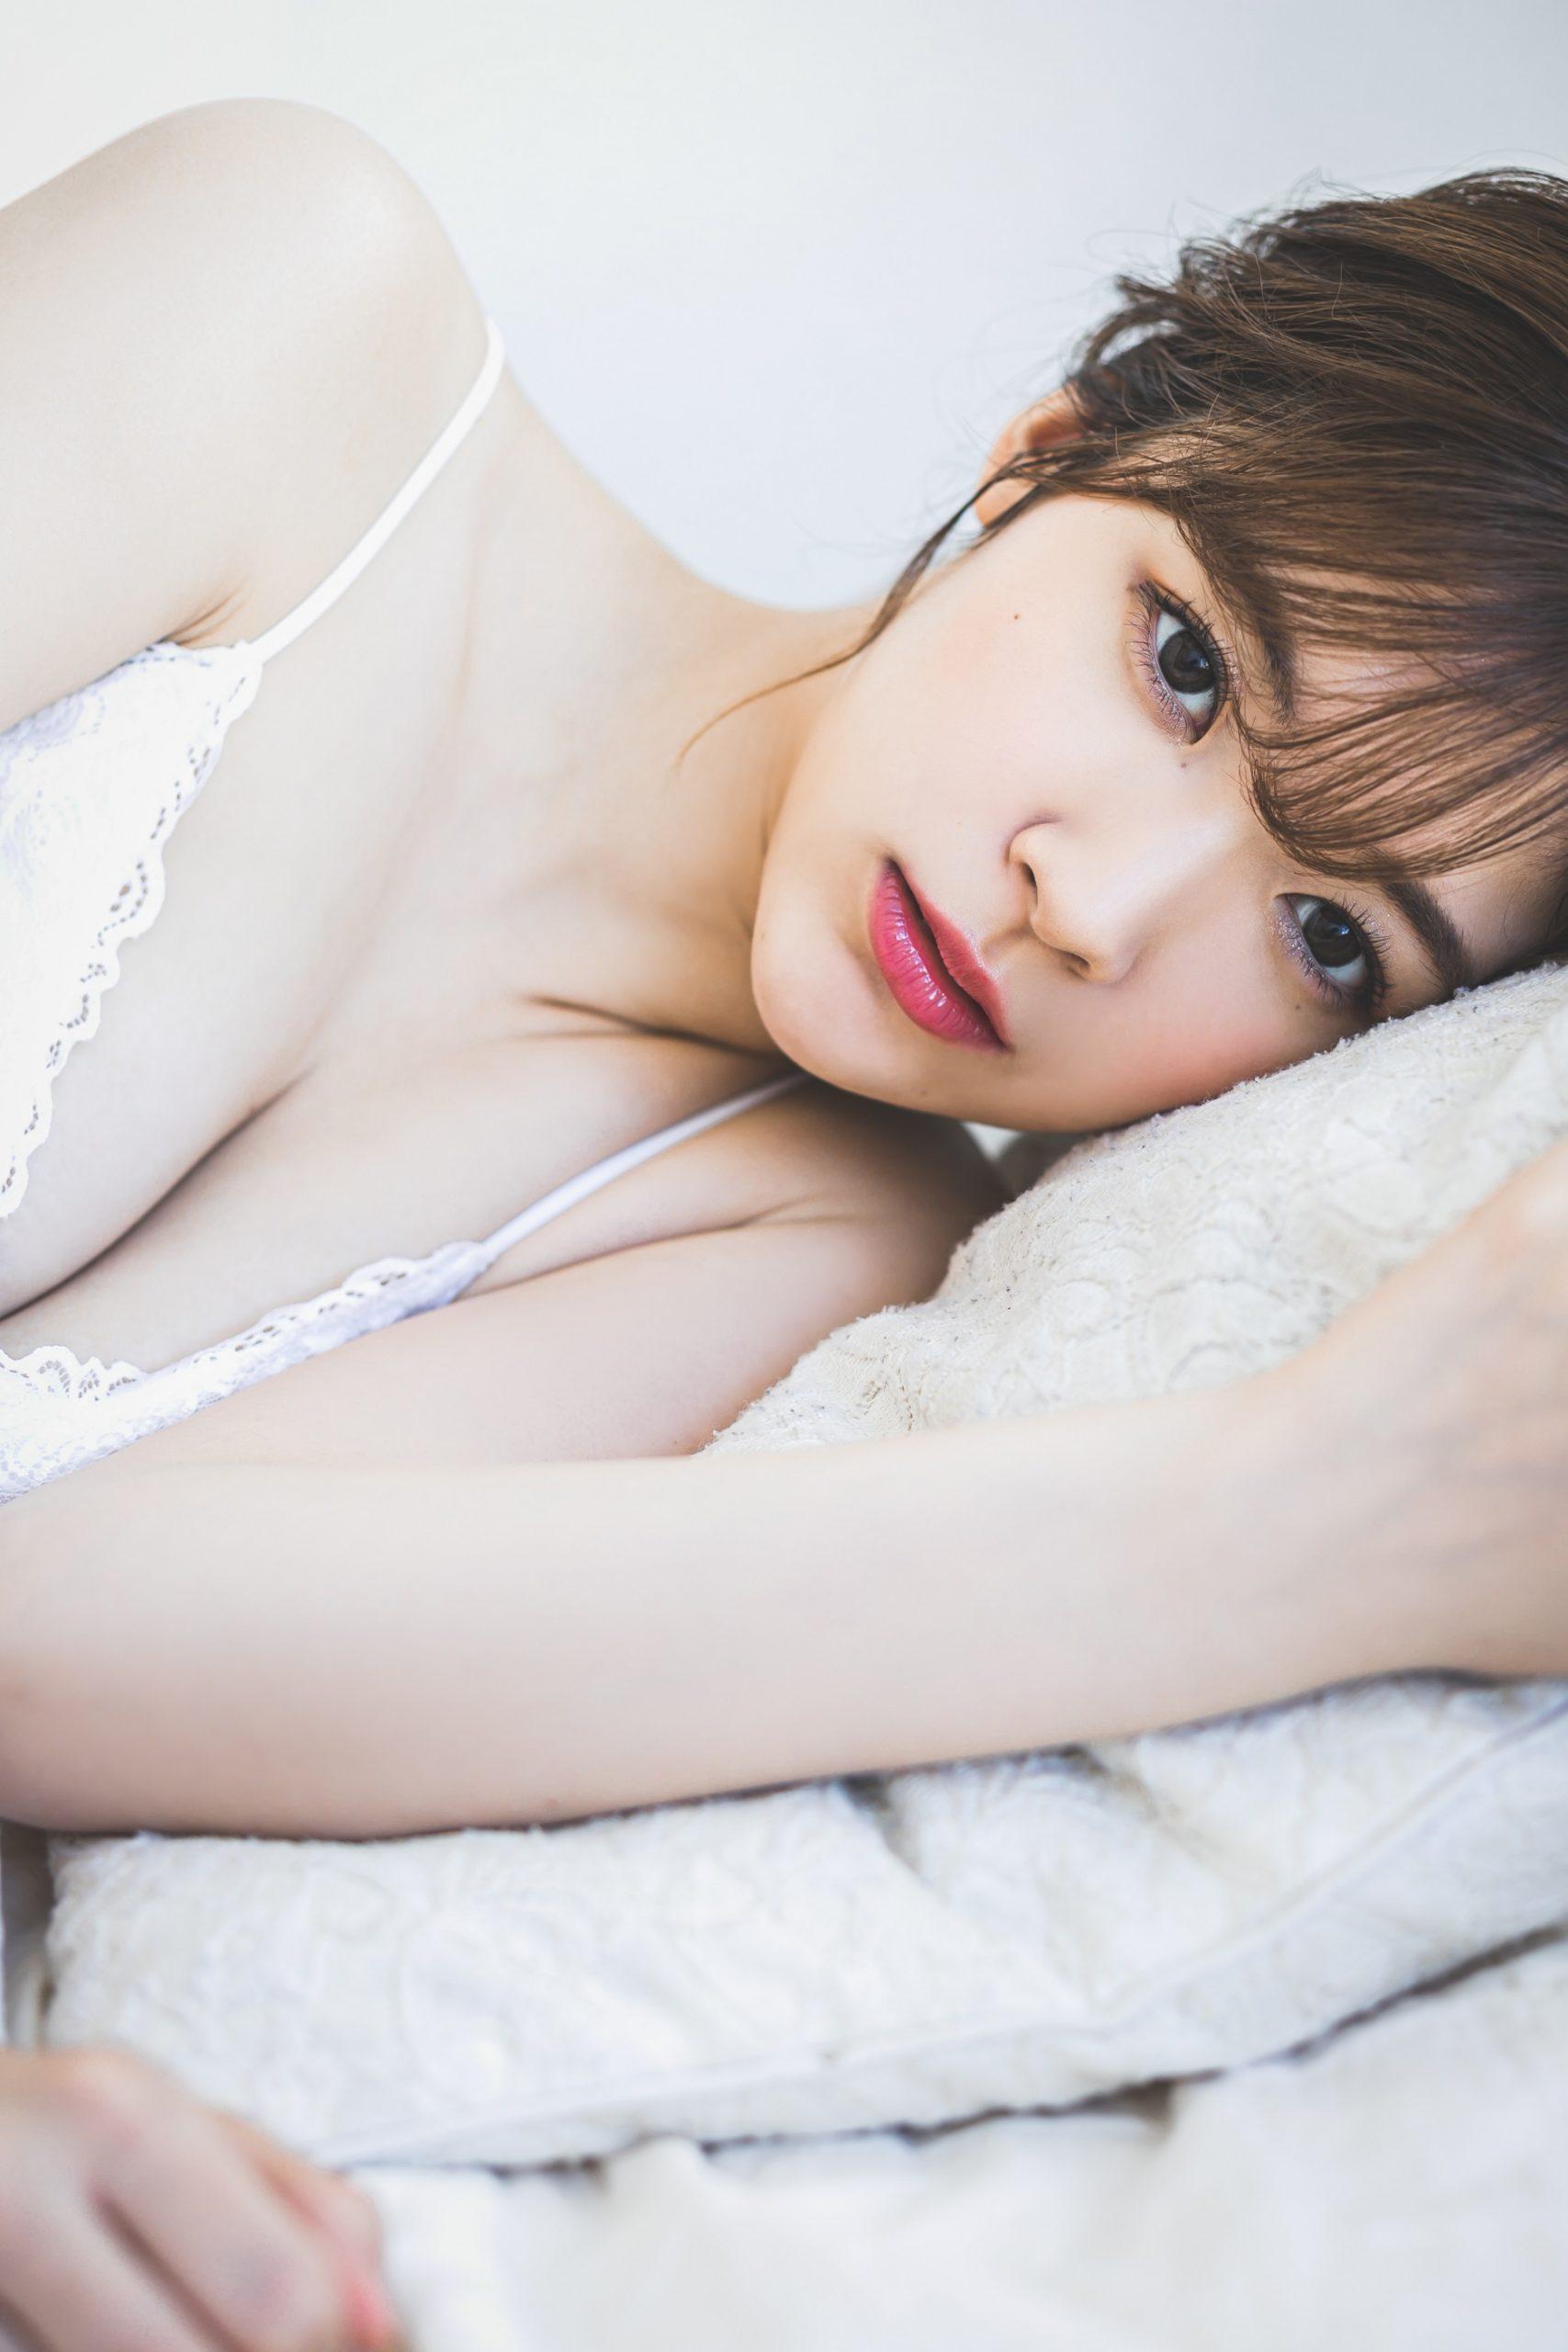 fujisaki_yurika_s_t_03